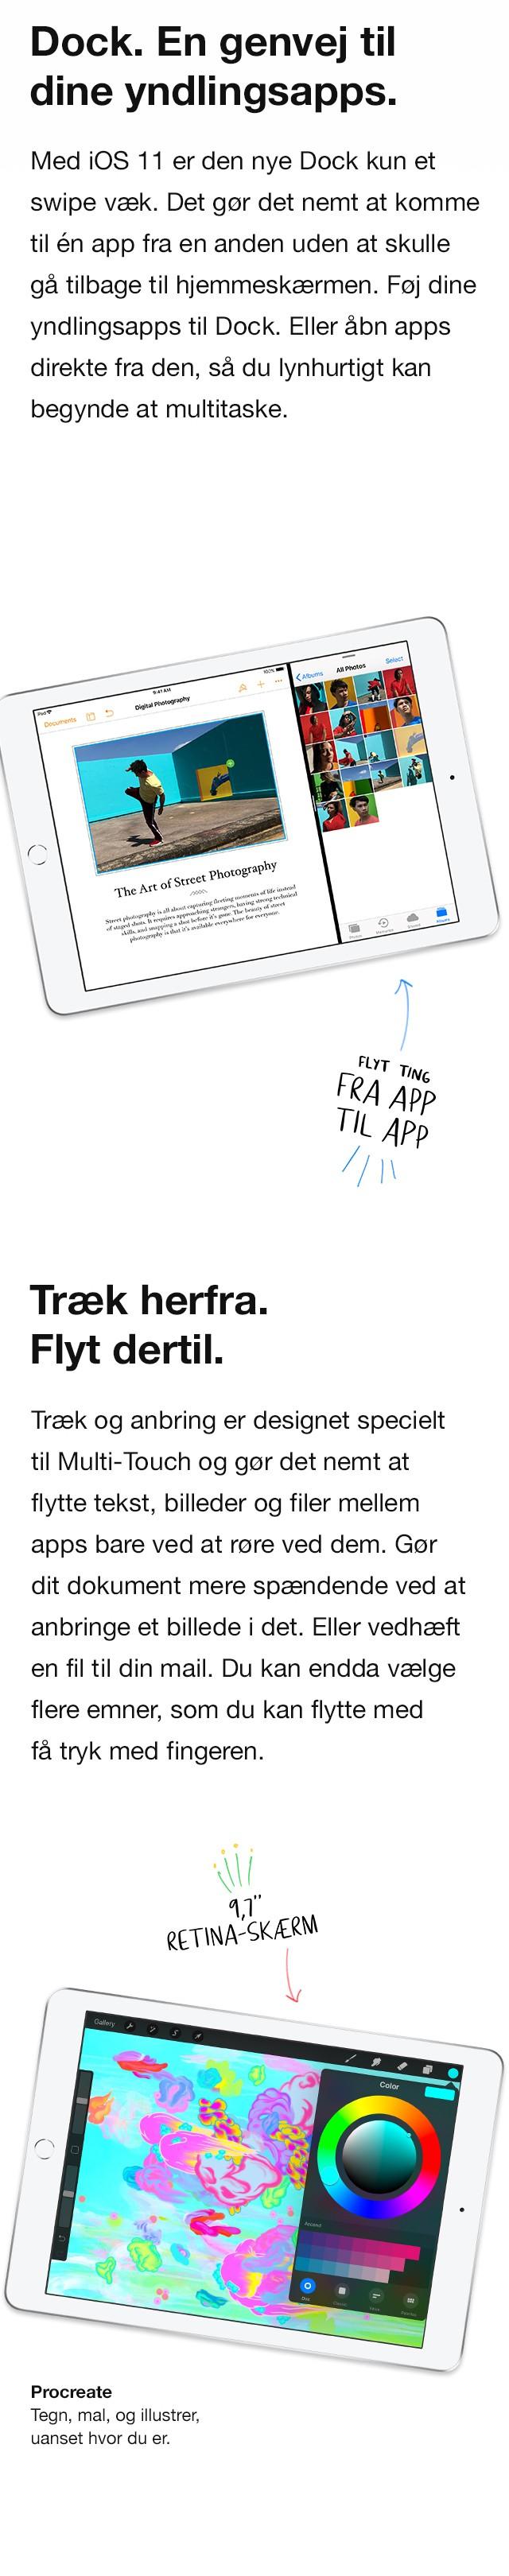 Med iOS og Dock er det utroligt nemt at finde dine favorit apps